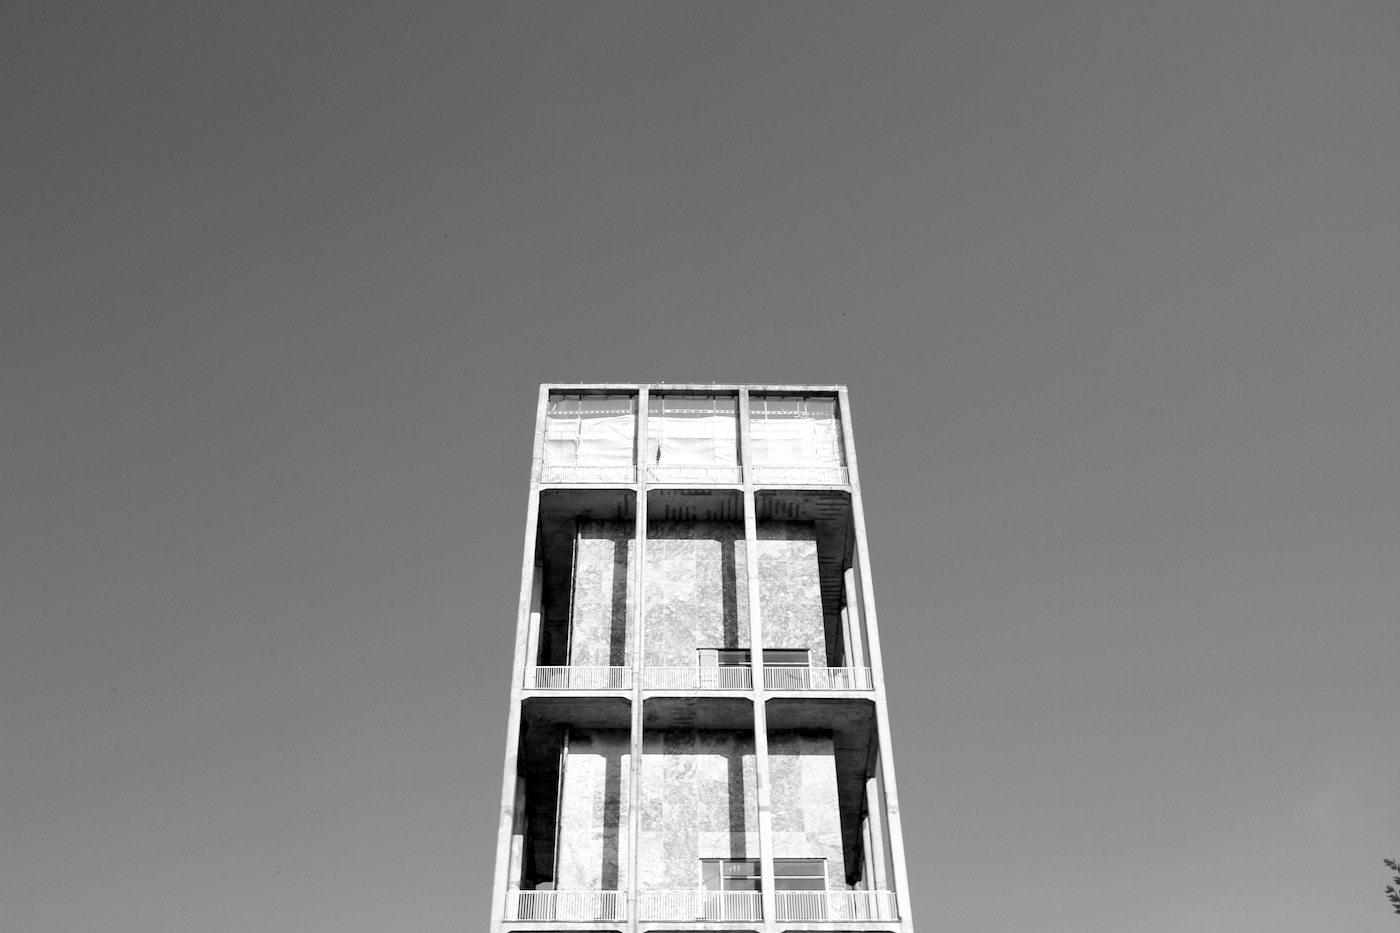 Rathaus Aarhus.  Entworfen von Arne Jacobsen und Erik Møller, die auf diese Weise den skandinavischen Funktionalismus mit geprägt haben. Der Turm ist 60 Meter hoch. Das Rathaus wurde 1941 fertiggestellt und 1995 als Denkmal deklariert.